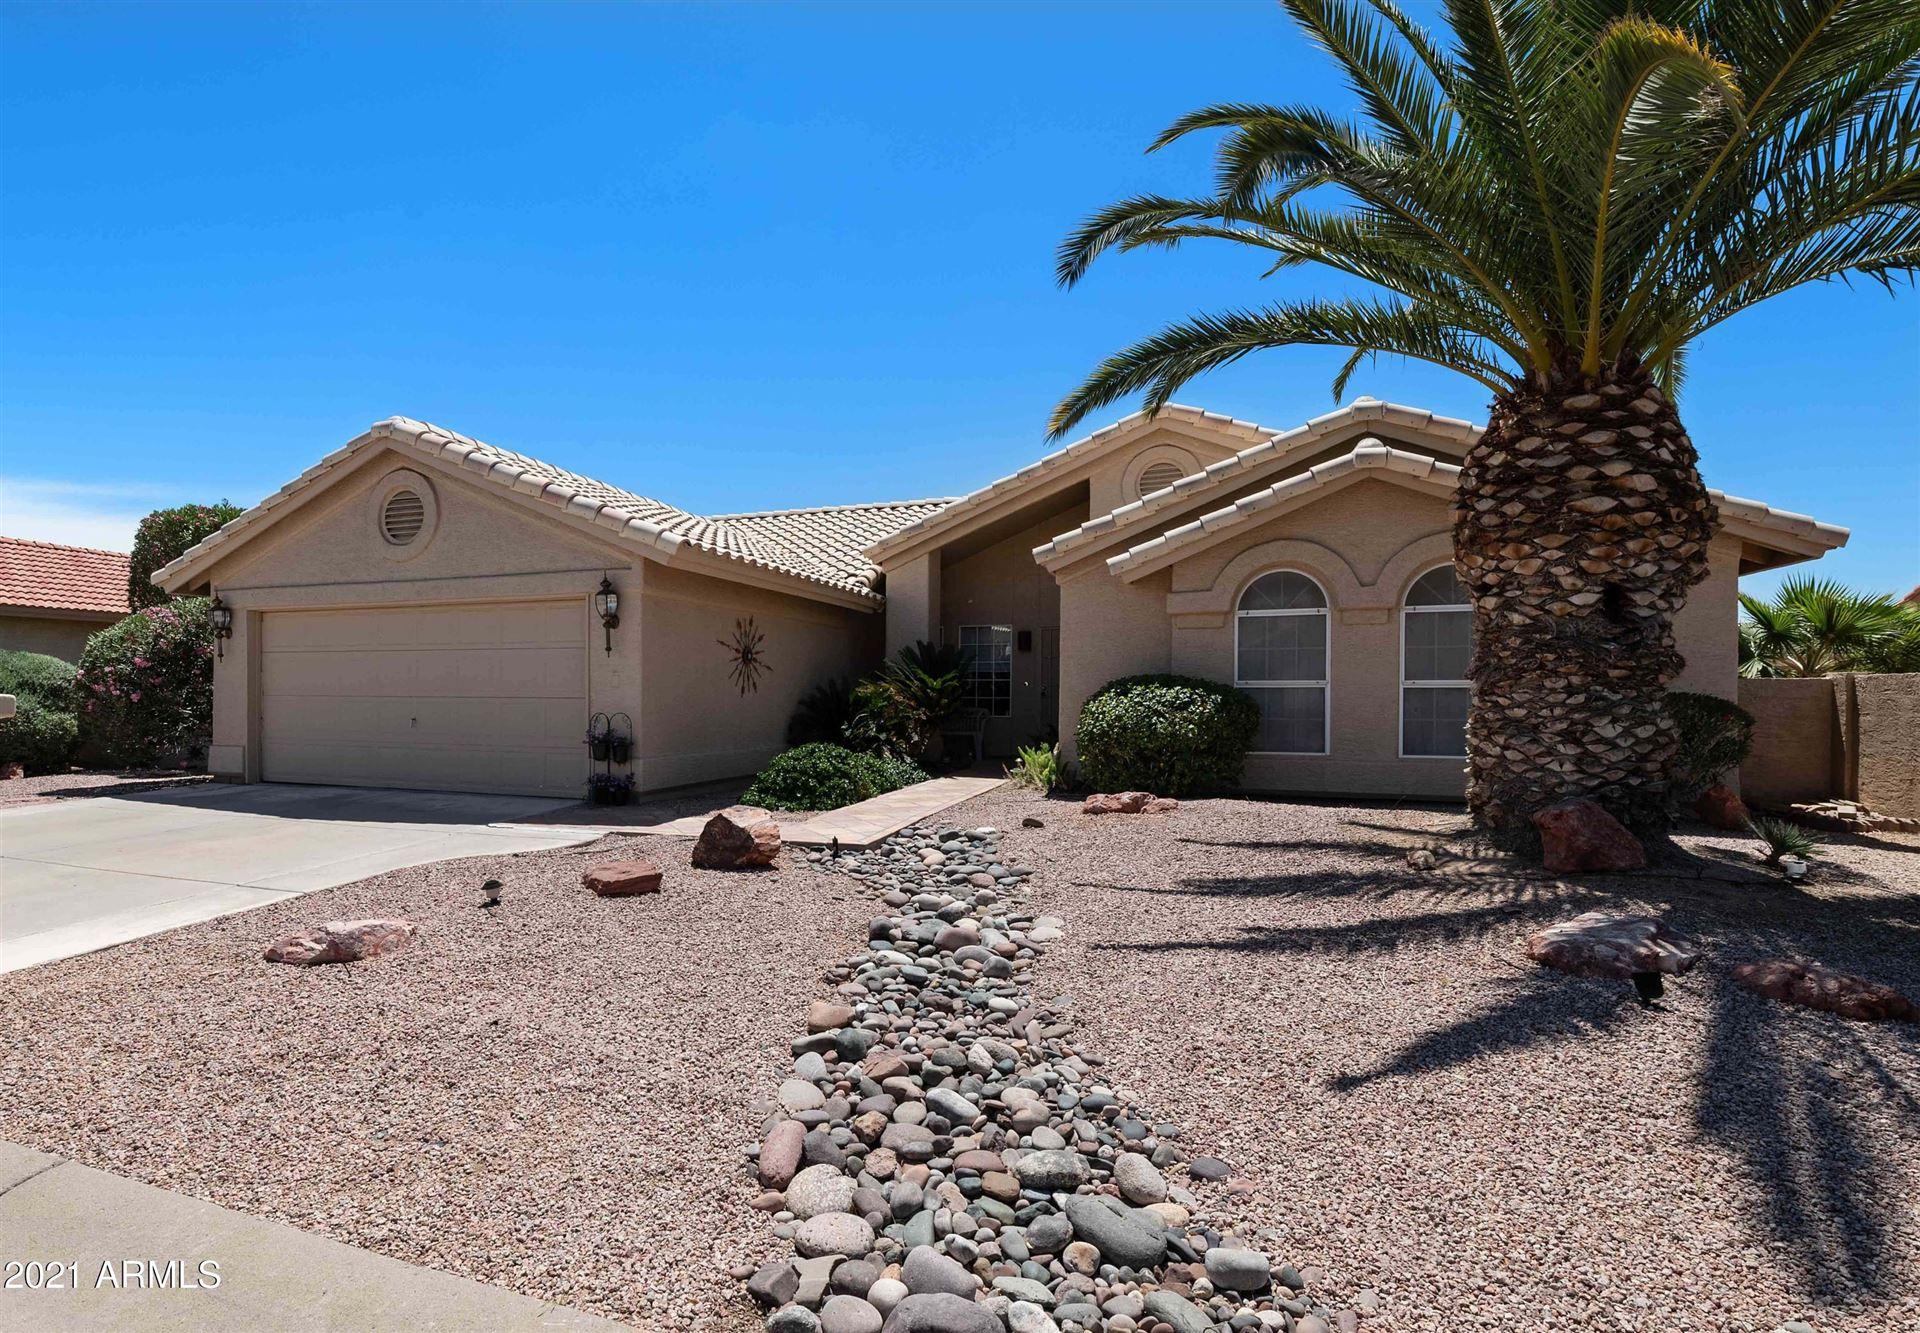 Photo of 10503 E ELMHURST Drive, Sun Lakes, AZ 85248 (MLS # 6228590)